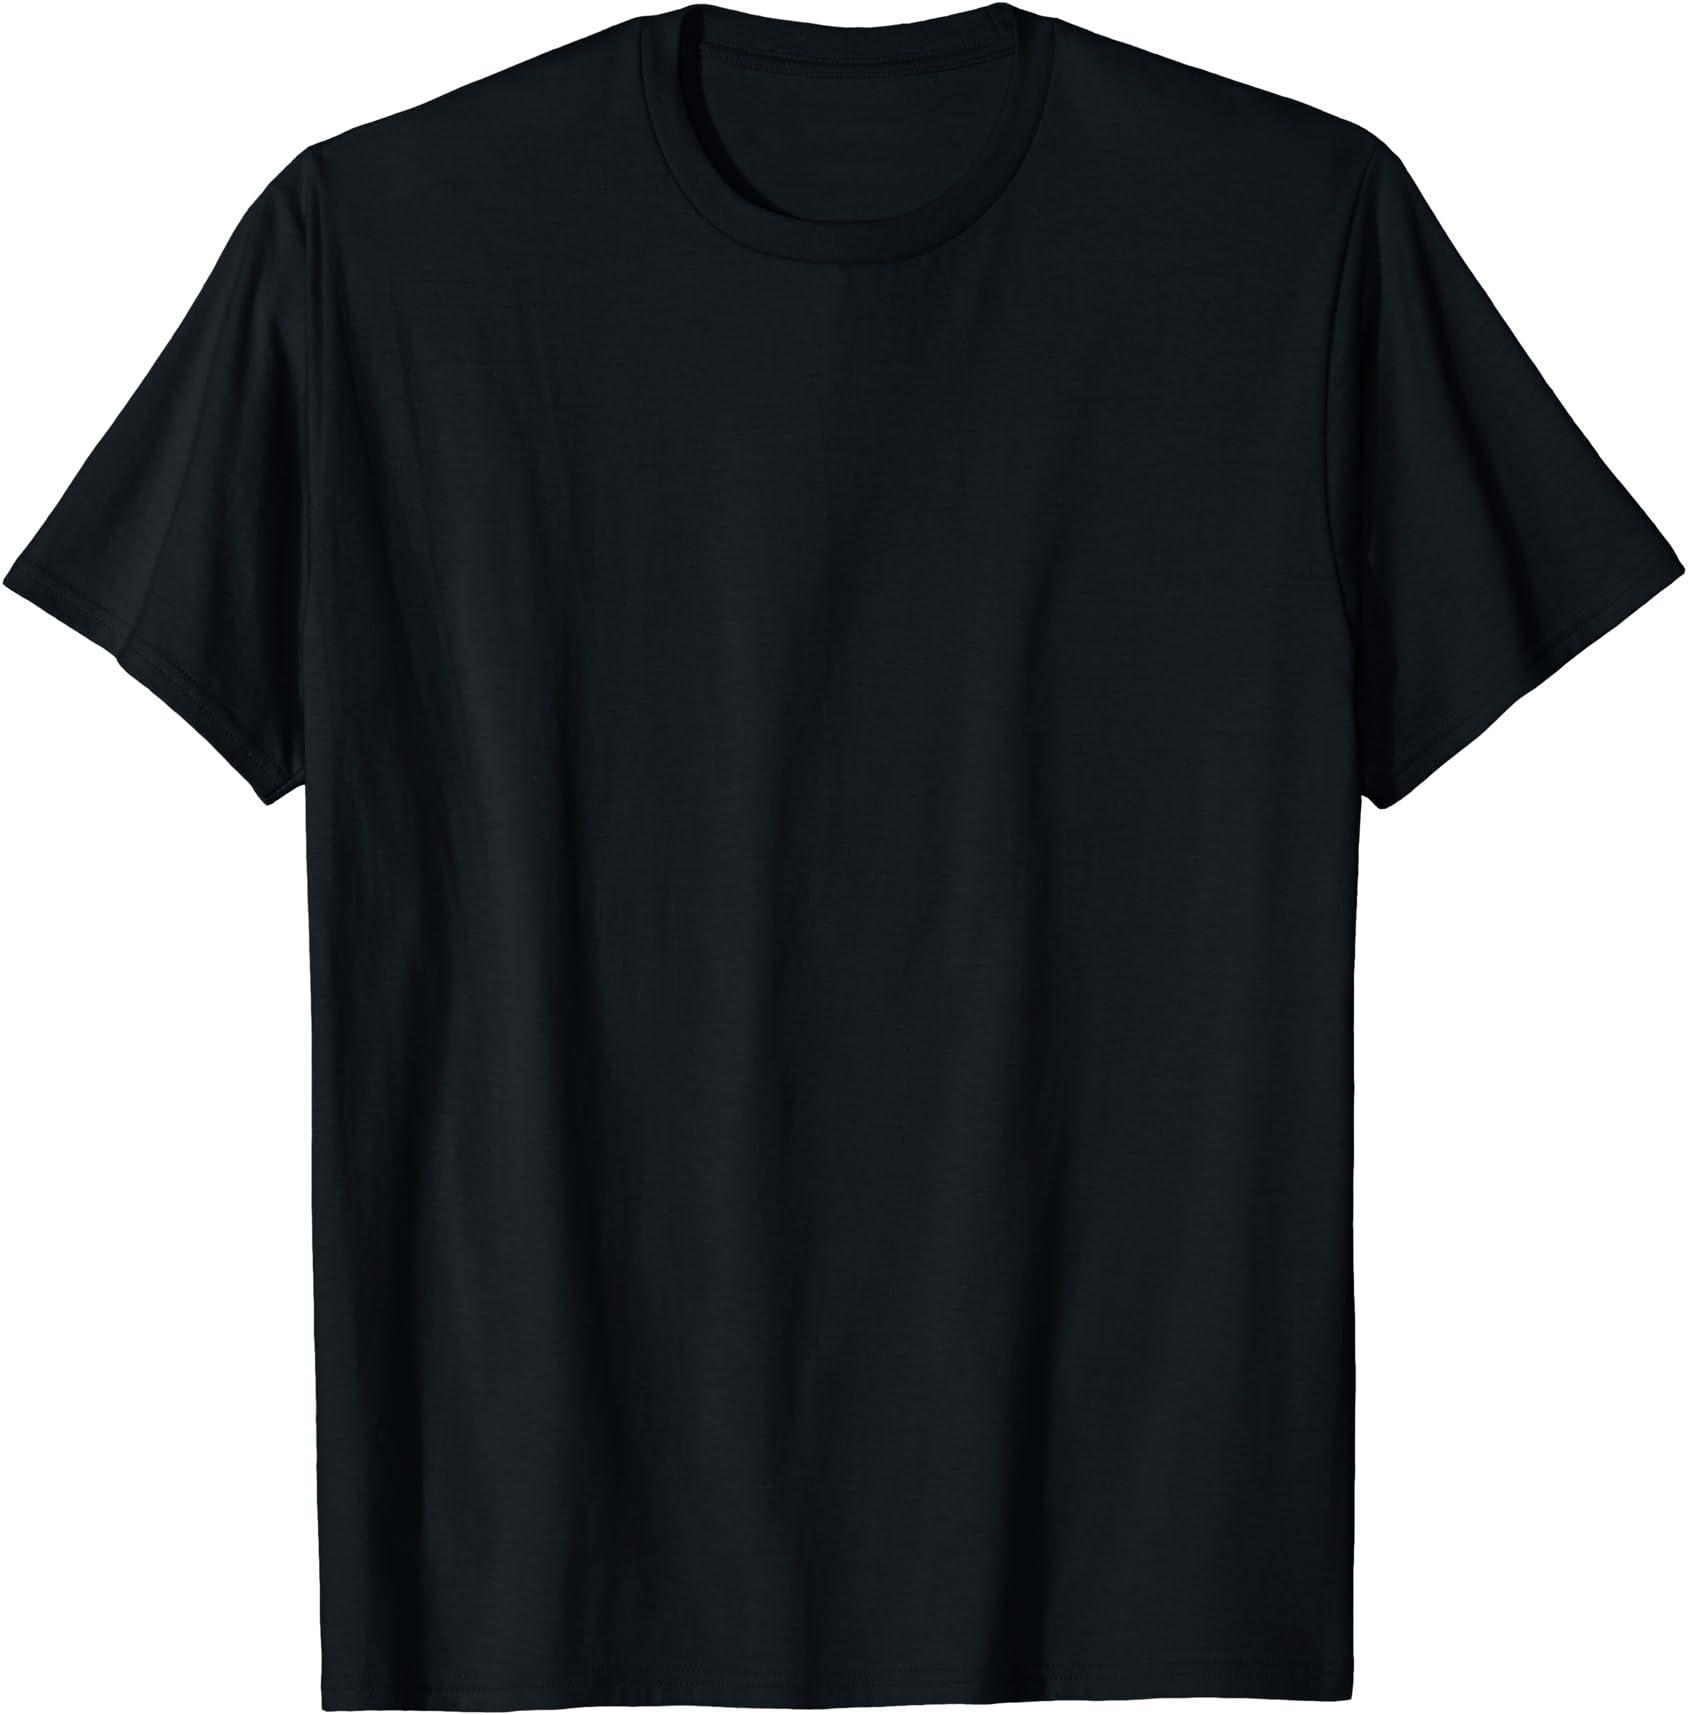 I/'m not a rapper T-Shirt Hip Hop Music Top